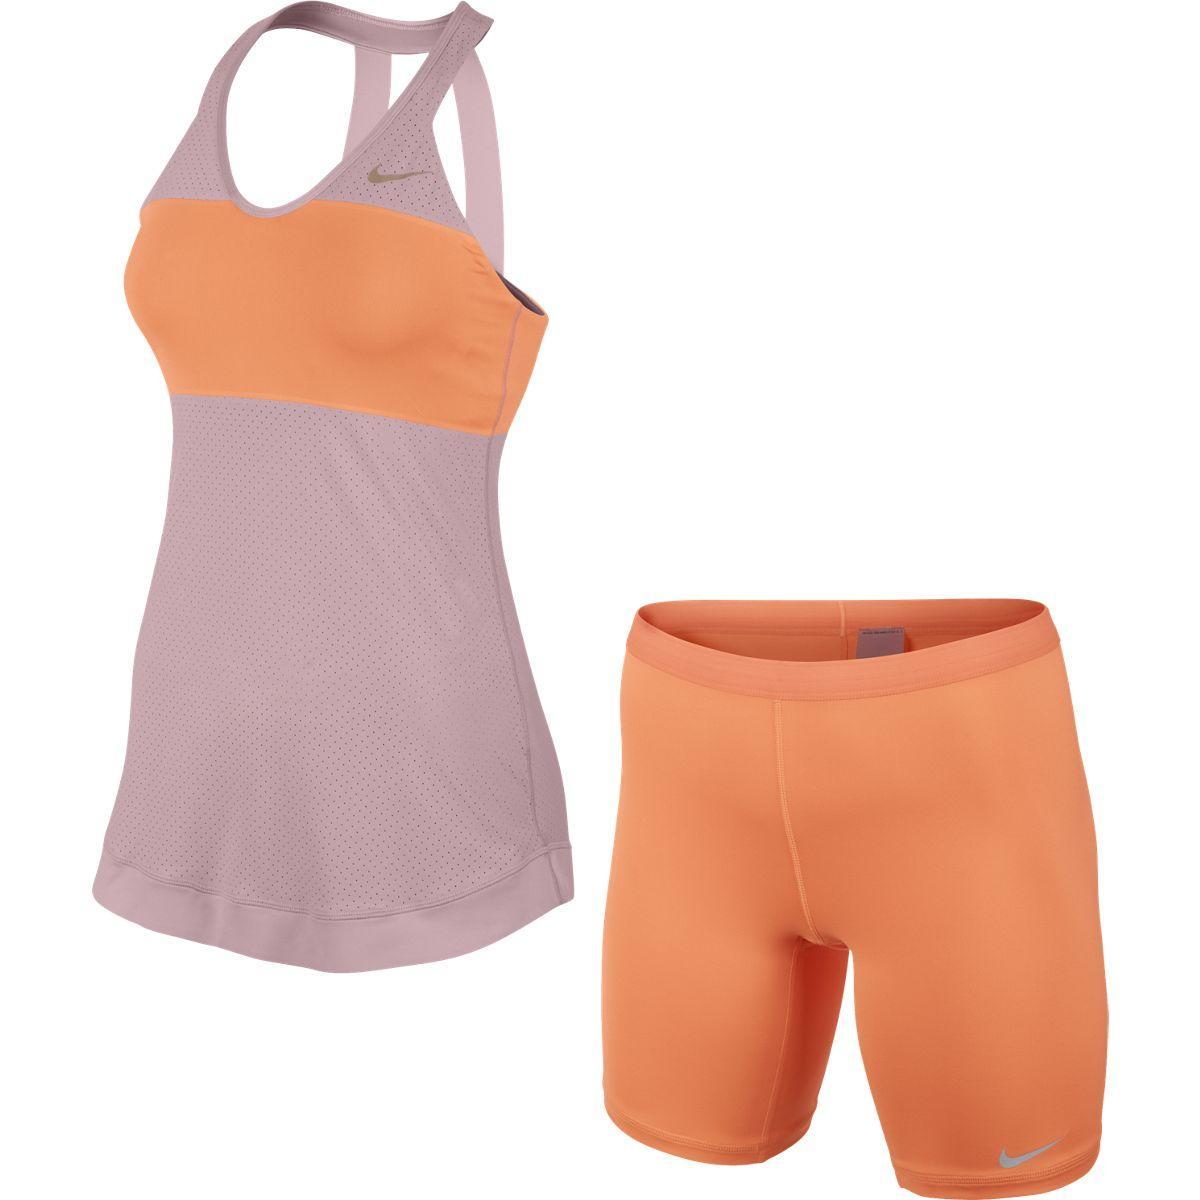 Atomic Pink Premier Maria Tennis Dress Nike Womens Premier Maria French Dress - Pink Glaze/Atomic Orange ...